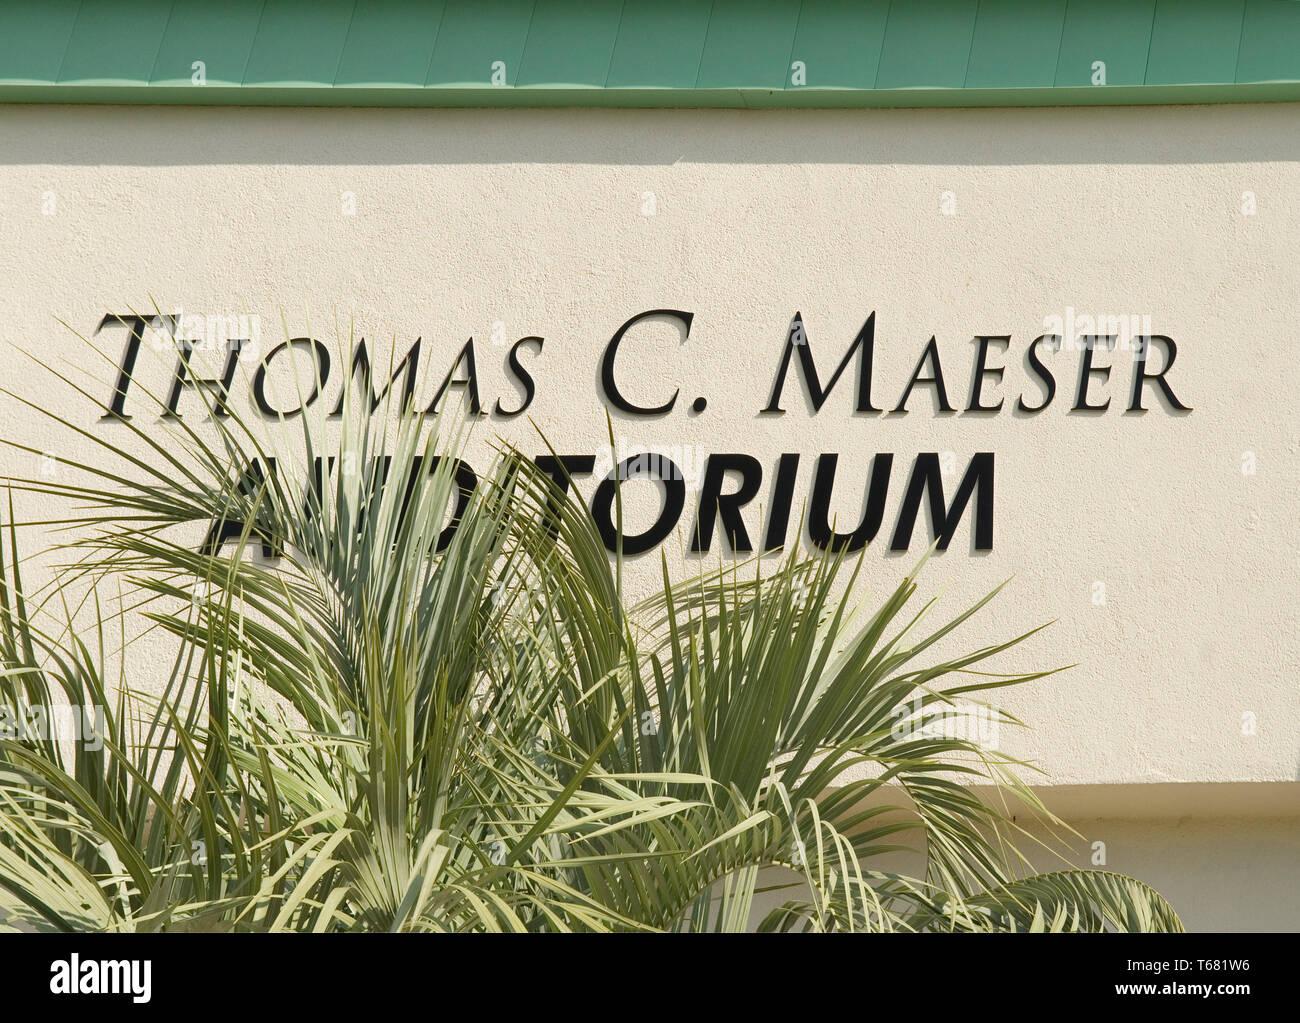 Thomas C Maeser Auditorium sign at Market Common, Myrtle Beach South Carolina USA - Stock Image